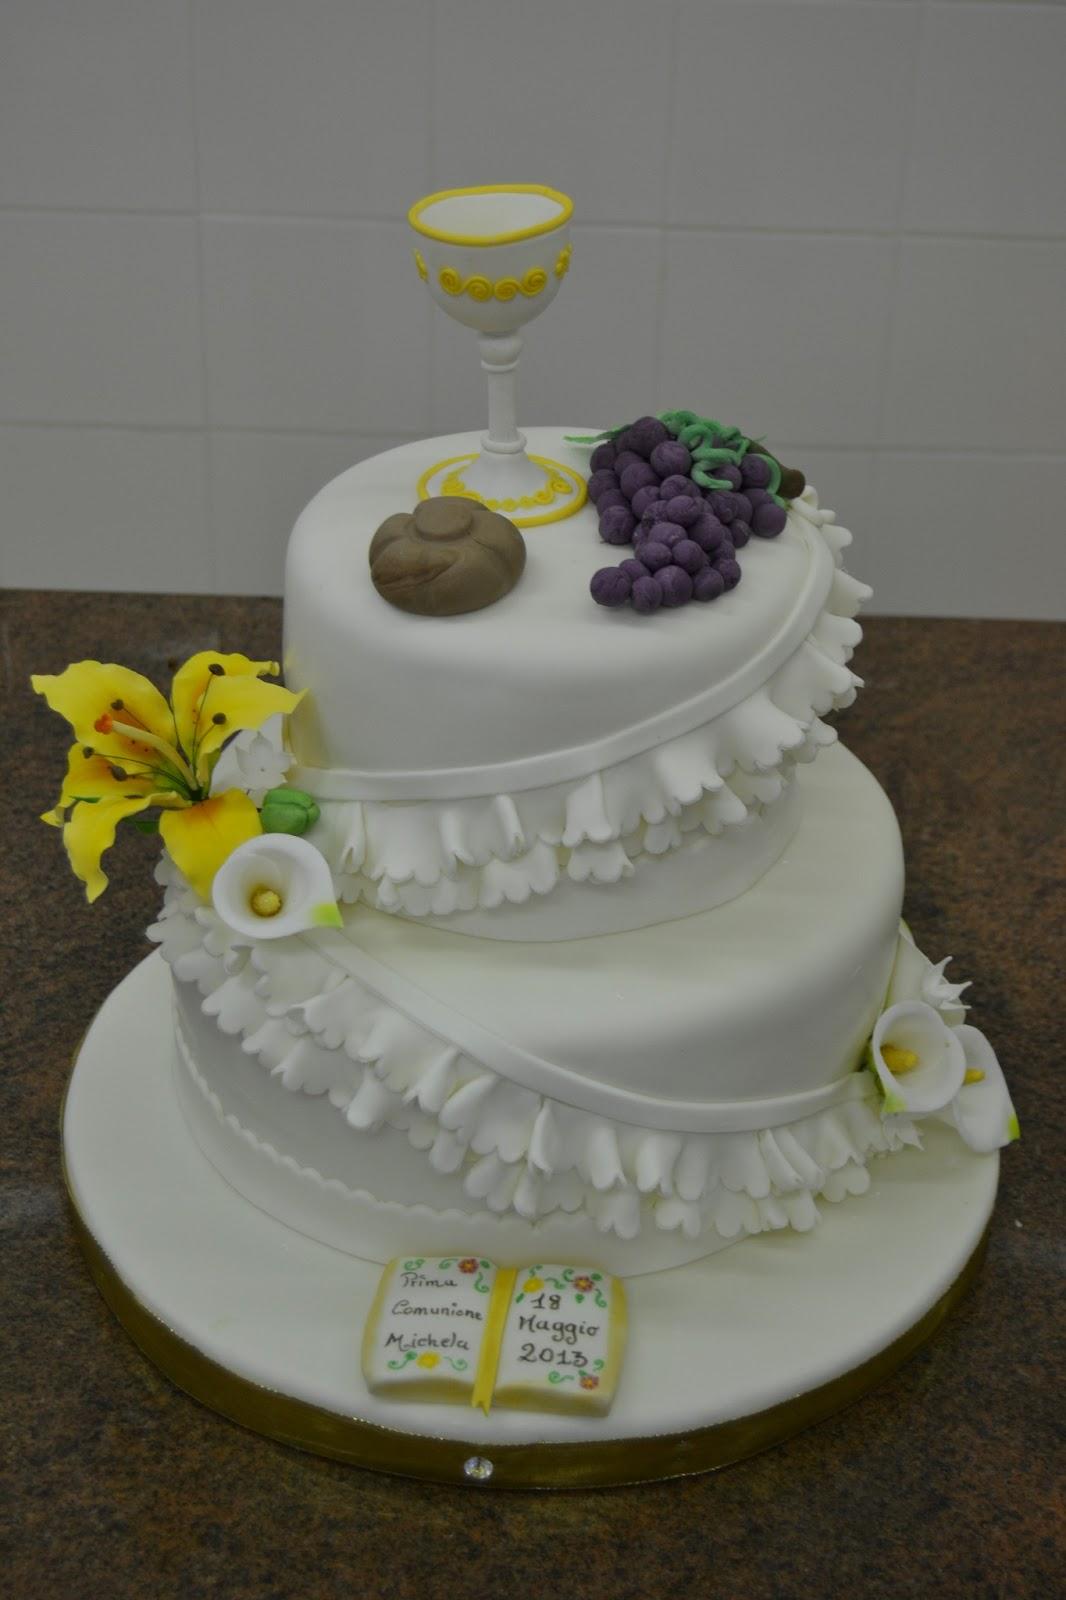 Torte Di Cake Design Roma : Dolce Universo realizza torte artistiche di compleanno e ...